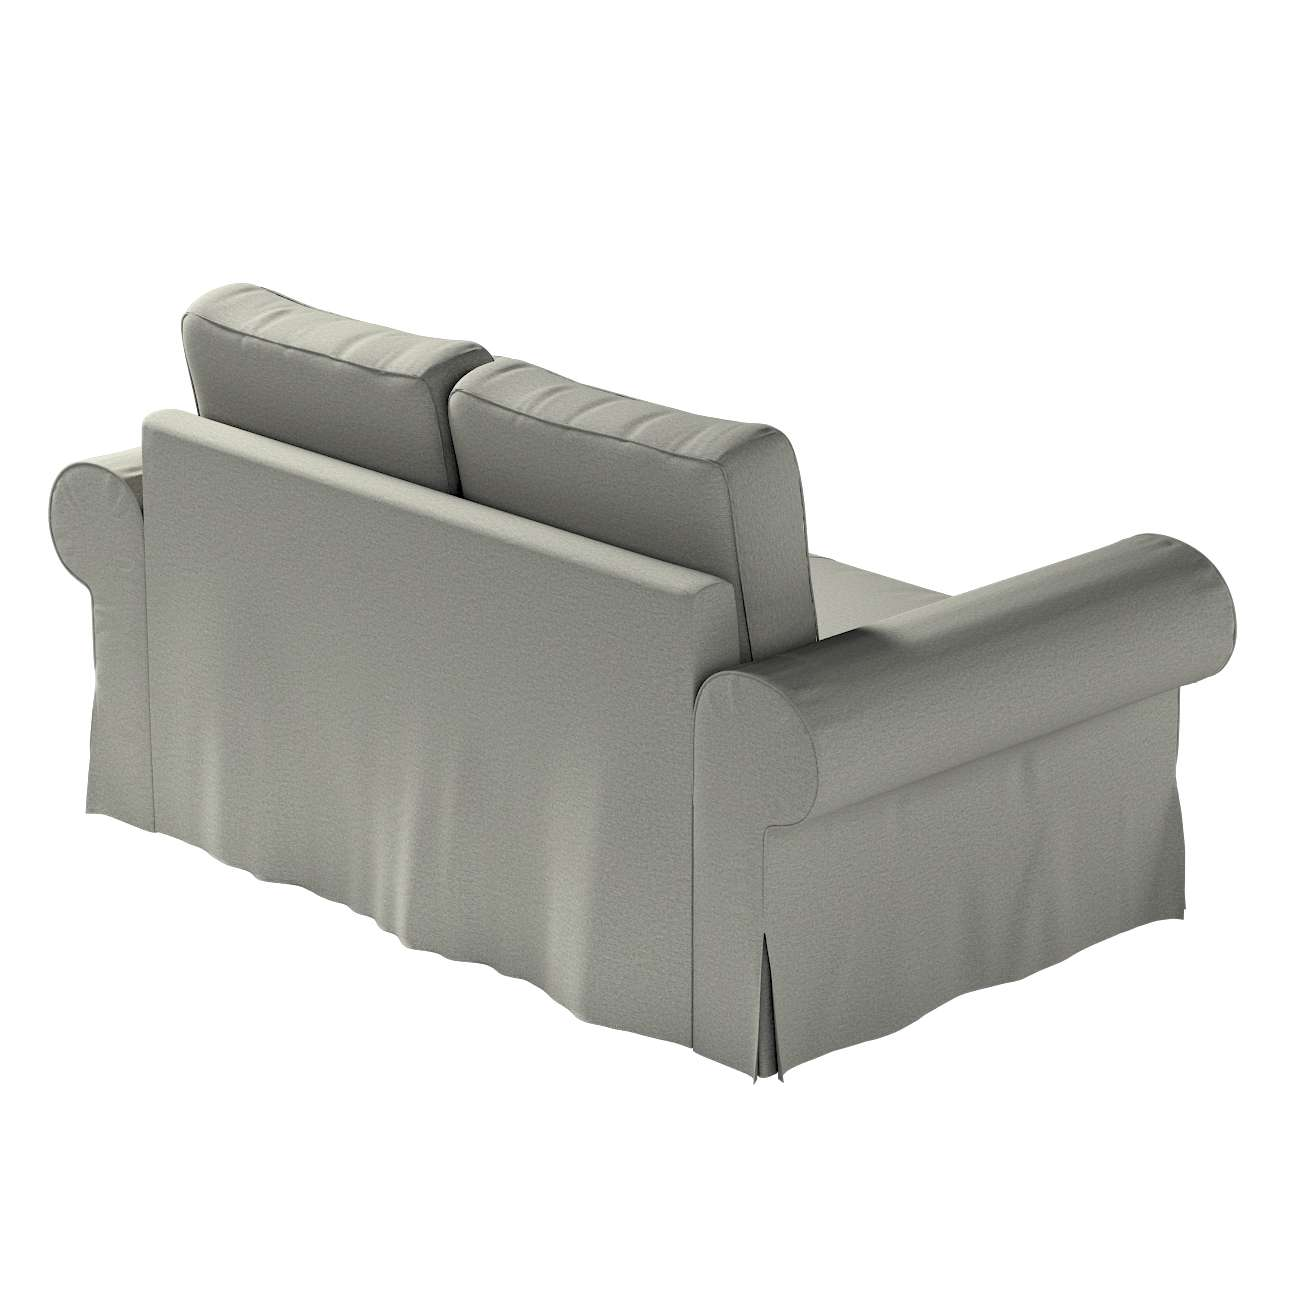 Bezug für Backabro 2-Sitzer Sofa ausklappbar von der Kollektion Etna, Stoff: 161-25